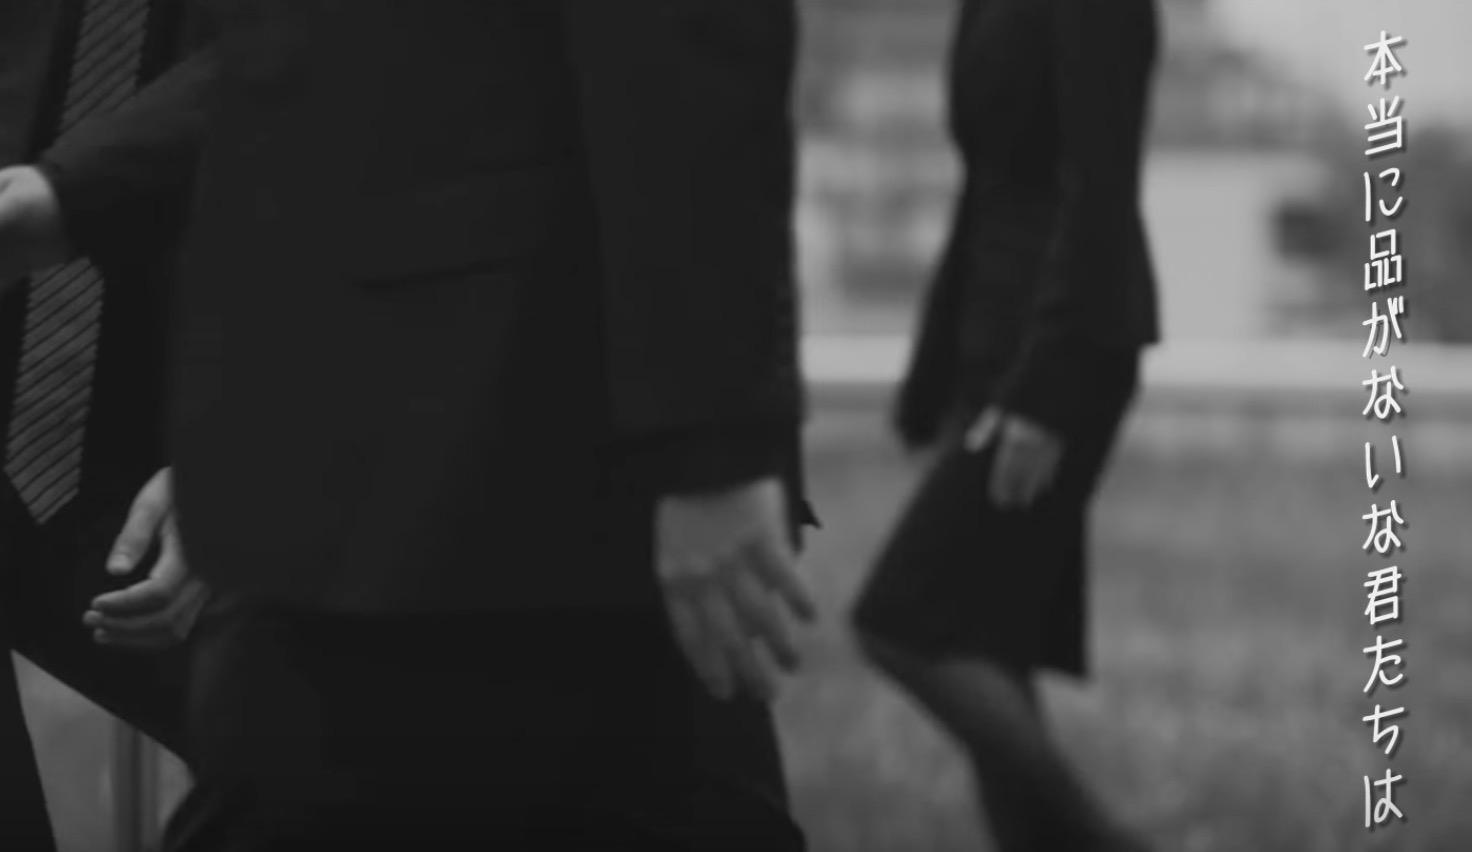 不倫騒動へのアンサーソング?!「ゲスの極み乙女」の最新MVの歌詞がスゴい